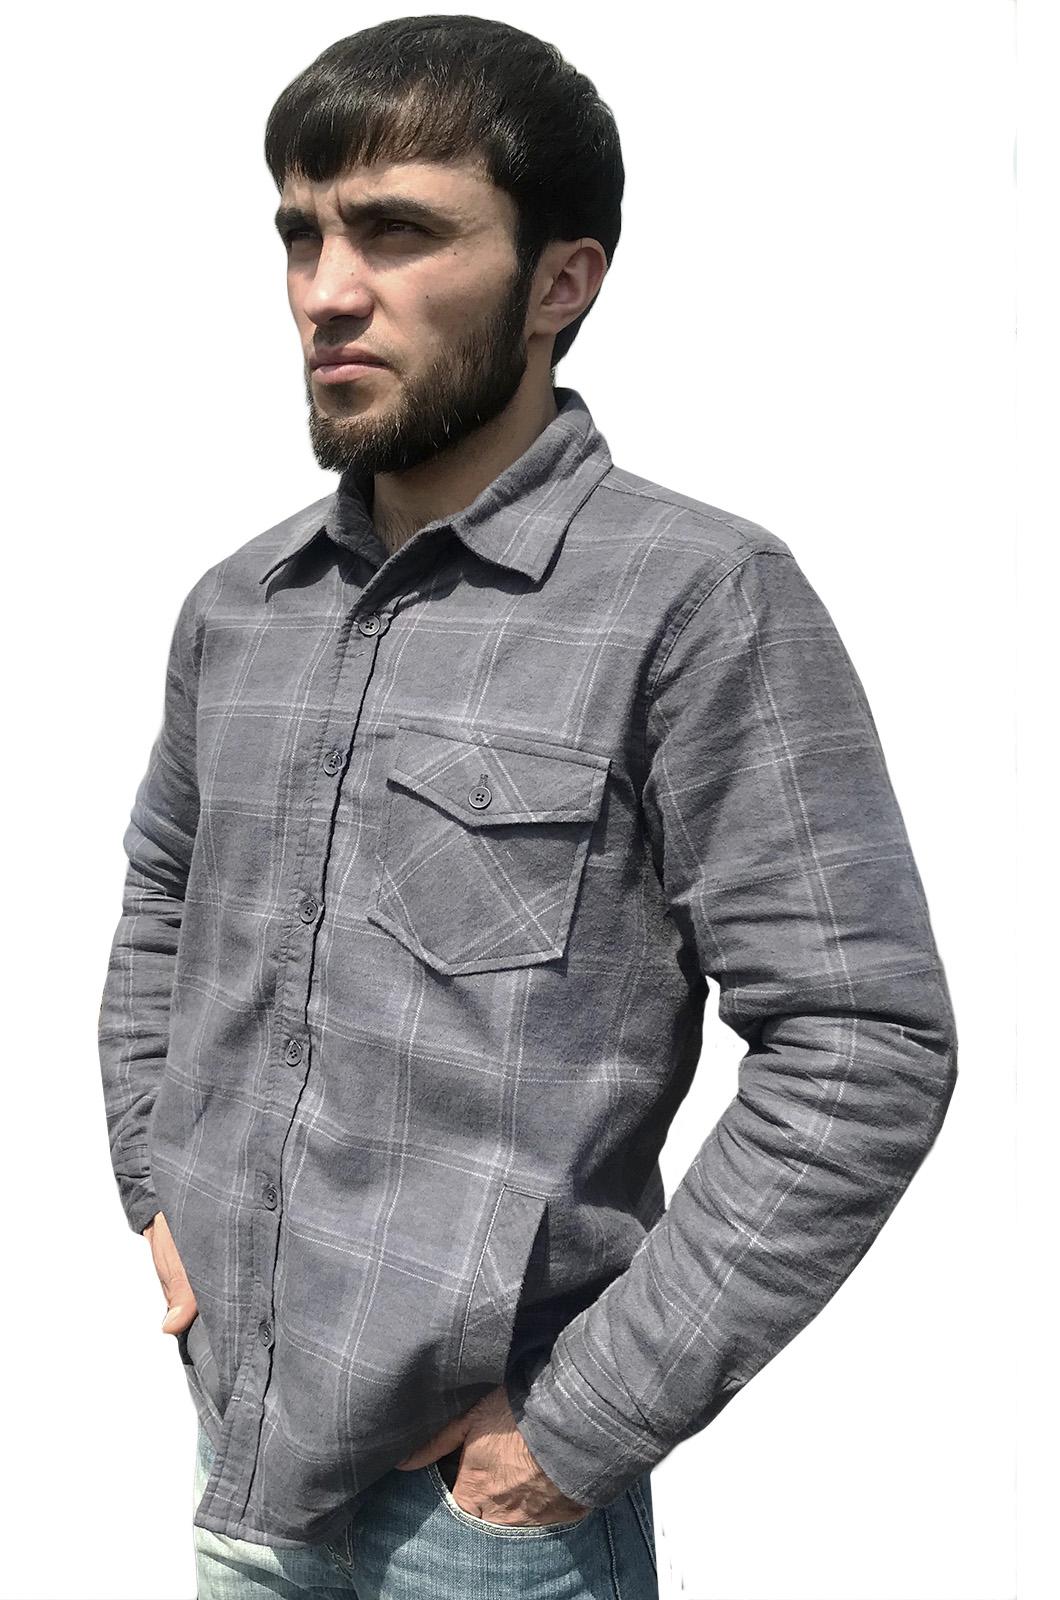 Пограничная рубашка с эмблемой КДПО купить в подарок